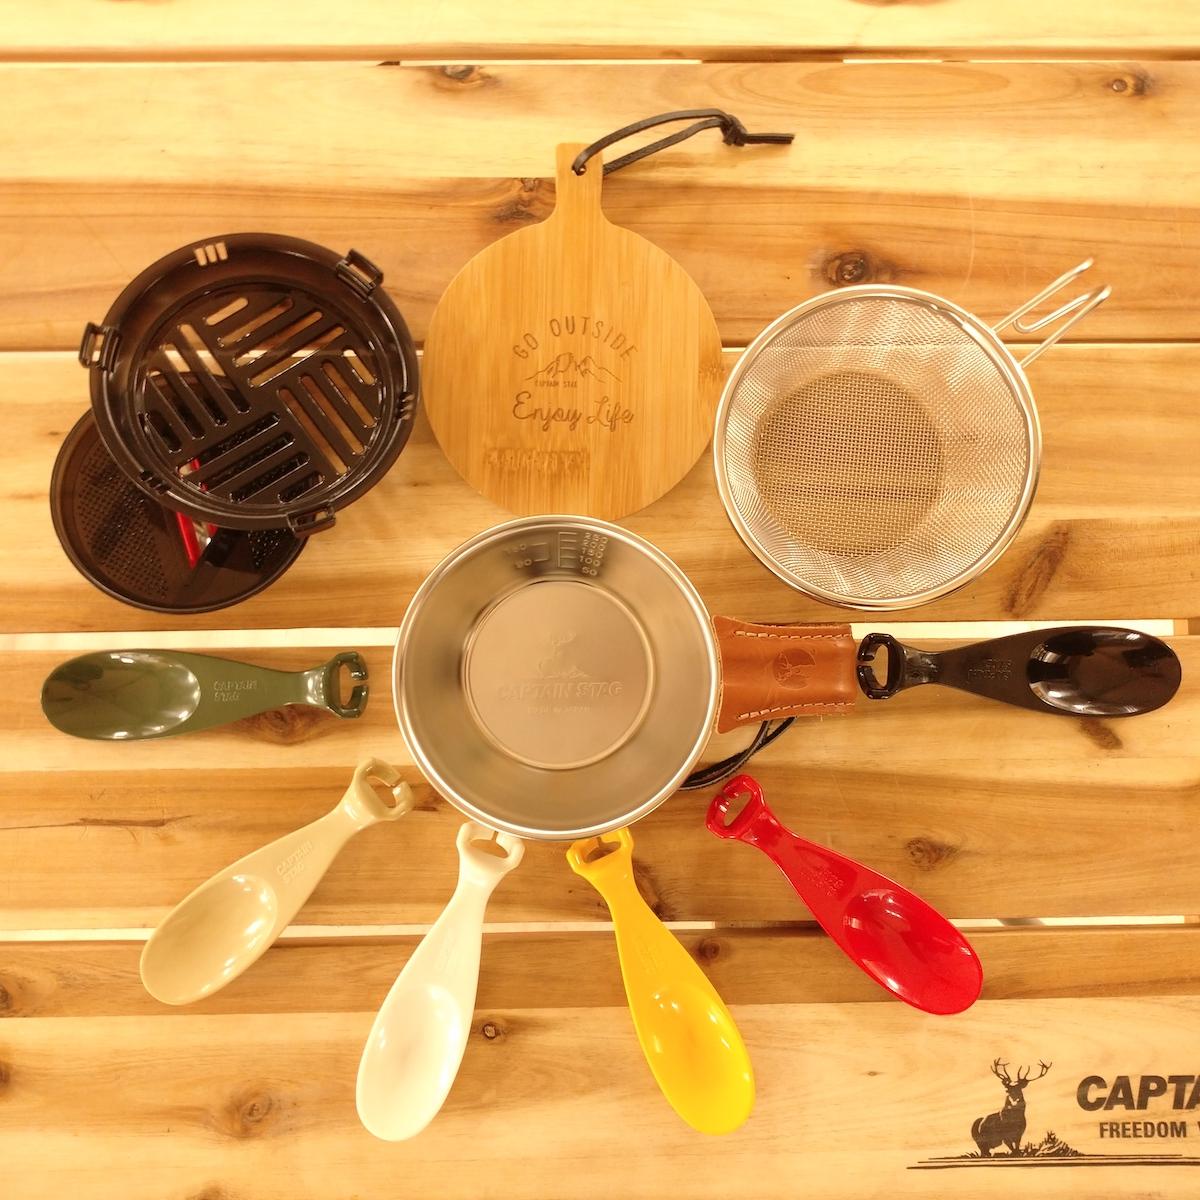 シェラカップでキャンプ飯 簡単にできるシェラカップで米を炊く方法 ヘッダー